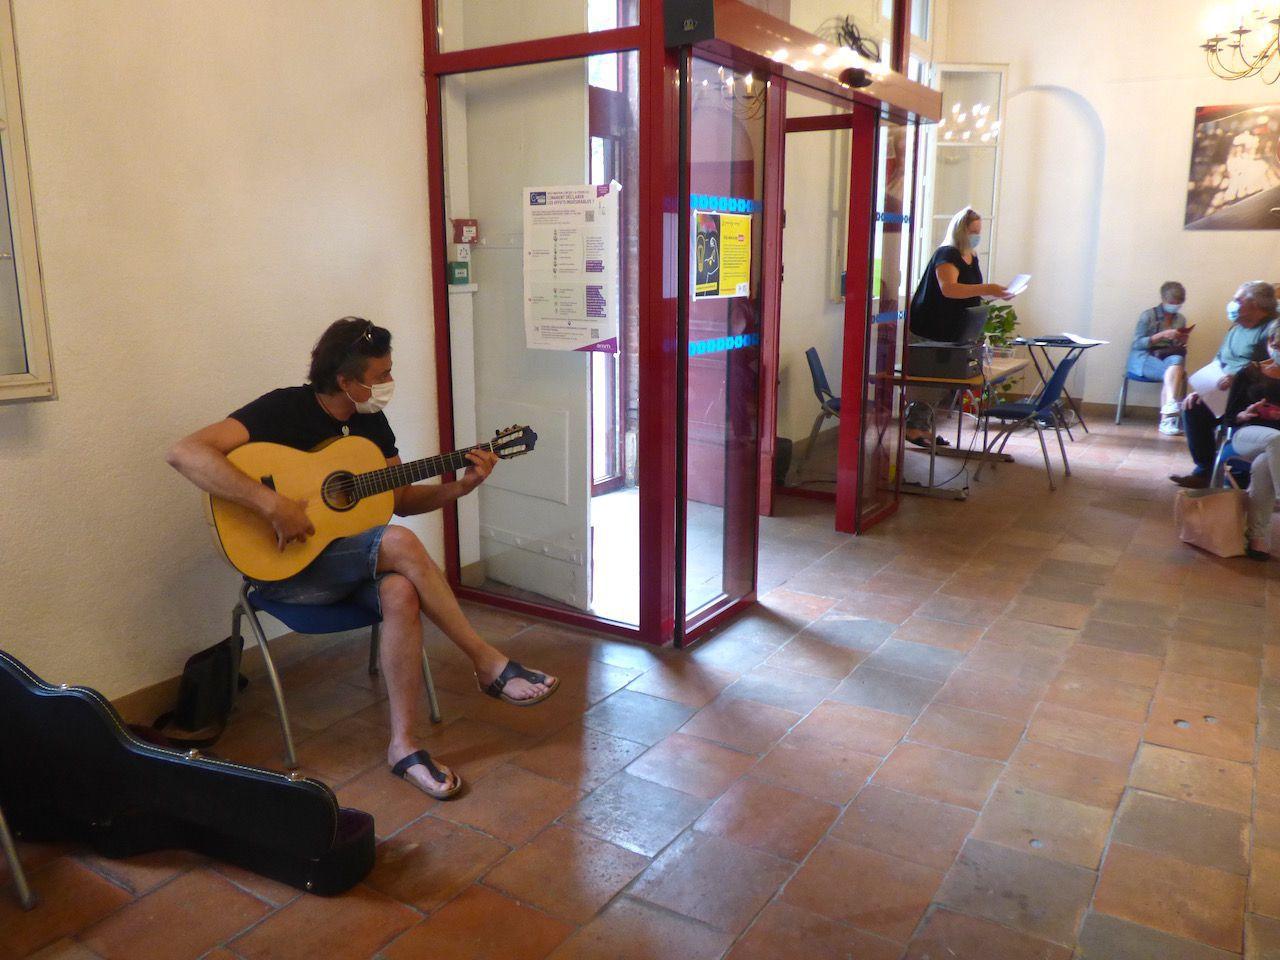 Mardi 6 juillet, au Centre de vaccination installé à l'Hôtel de ville. Benoît Mardon joue pour les soignants. La guitare était sa compagne, son instrument et sa muse. / DDM, DR